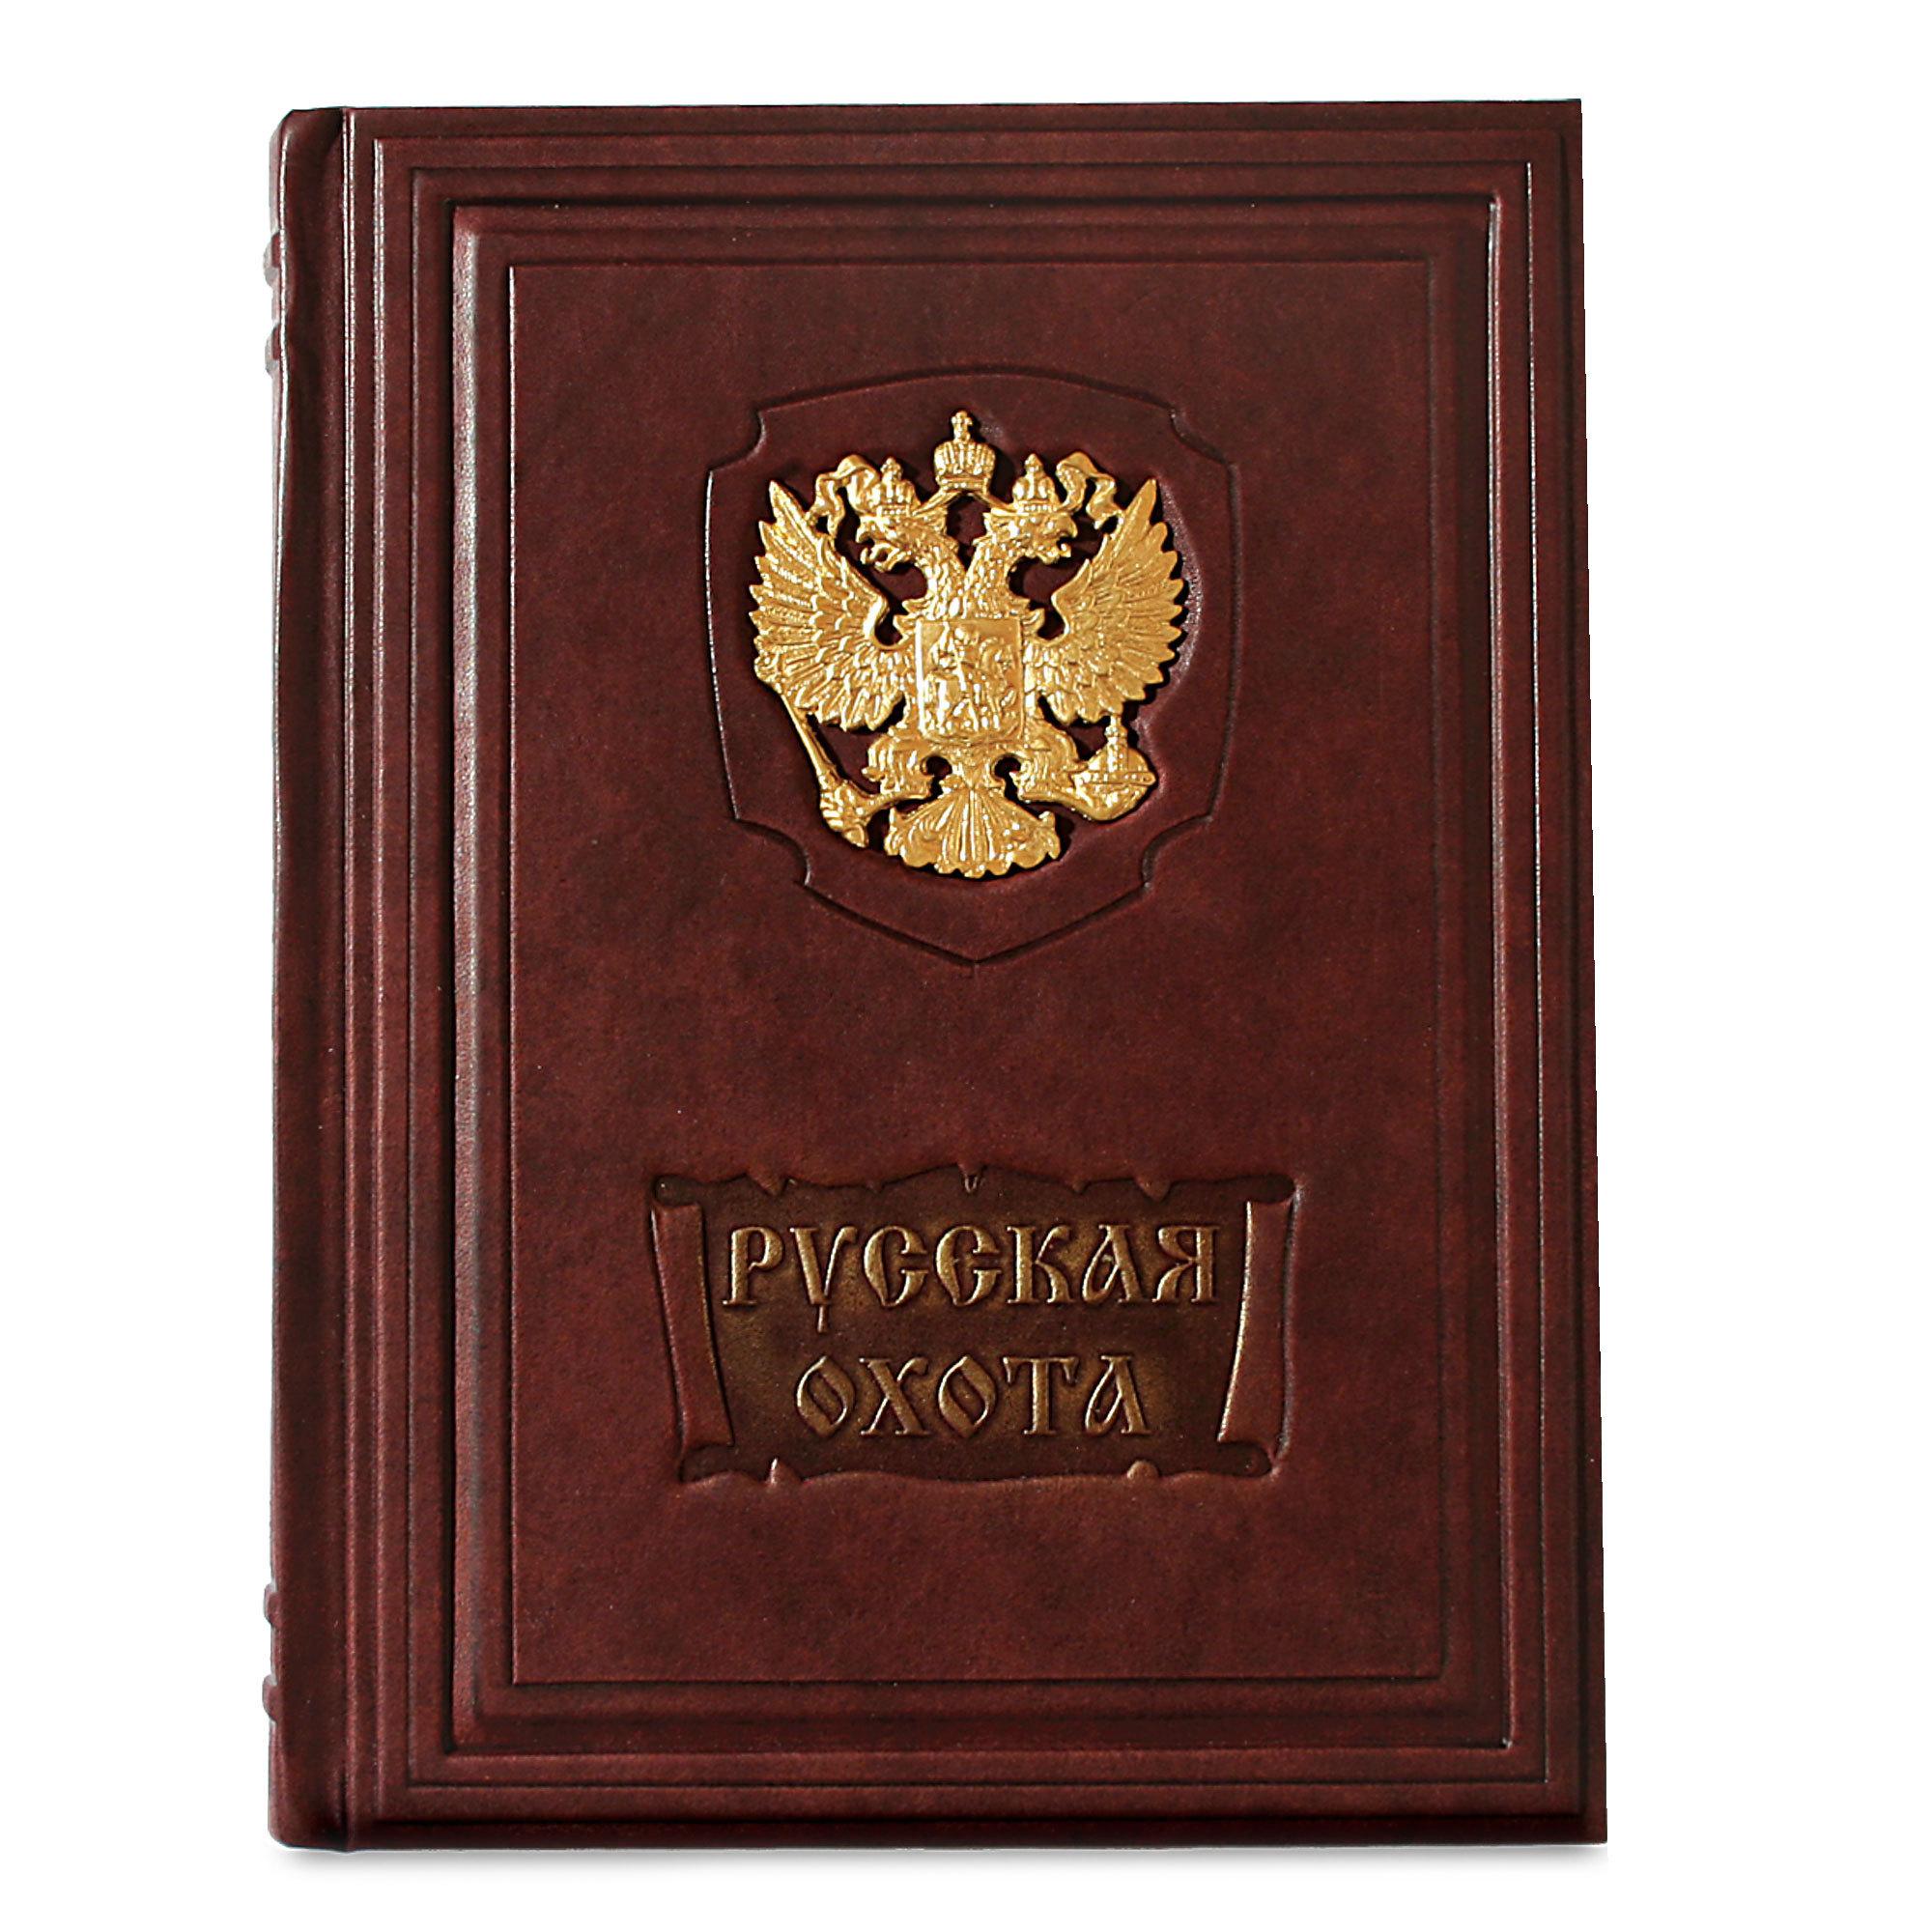 Русская охота Исторический очерк Н.И. Кутепова